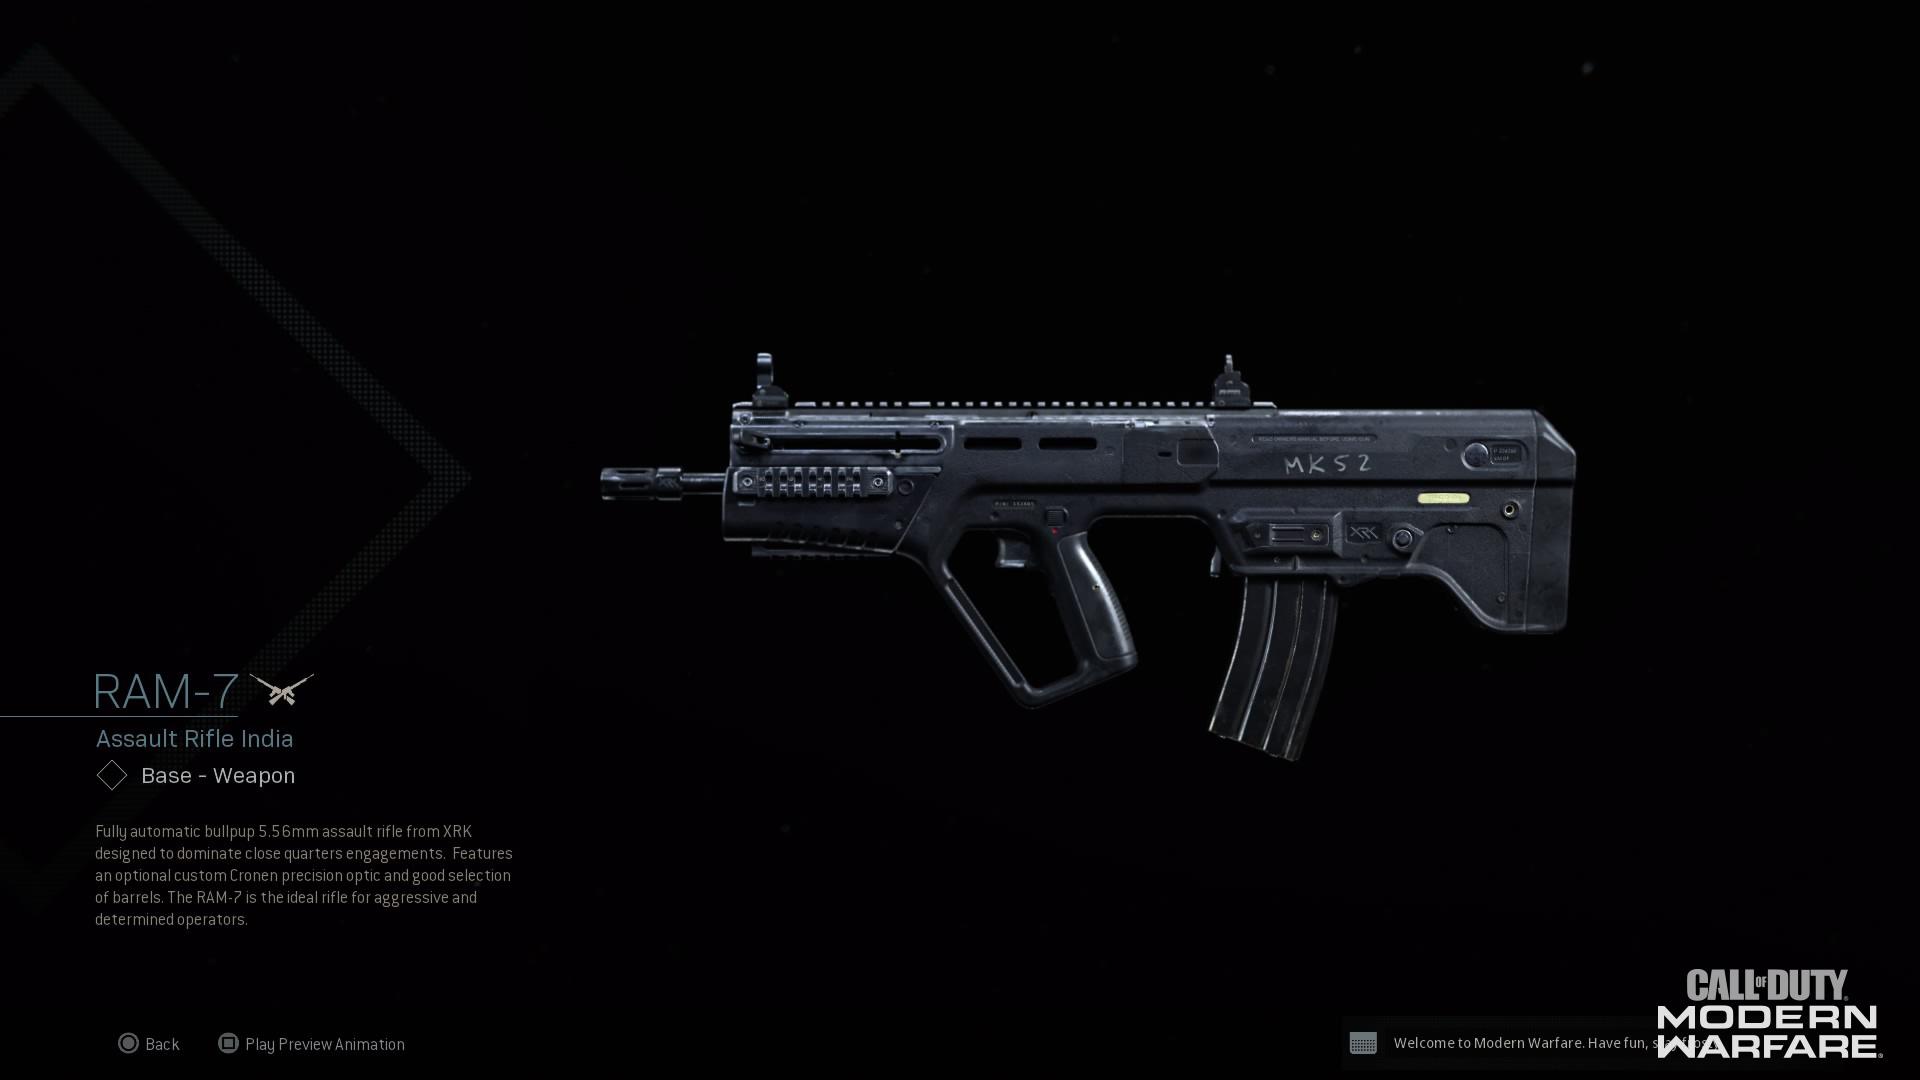 RAM-7 Modern Warfare